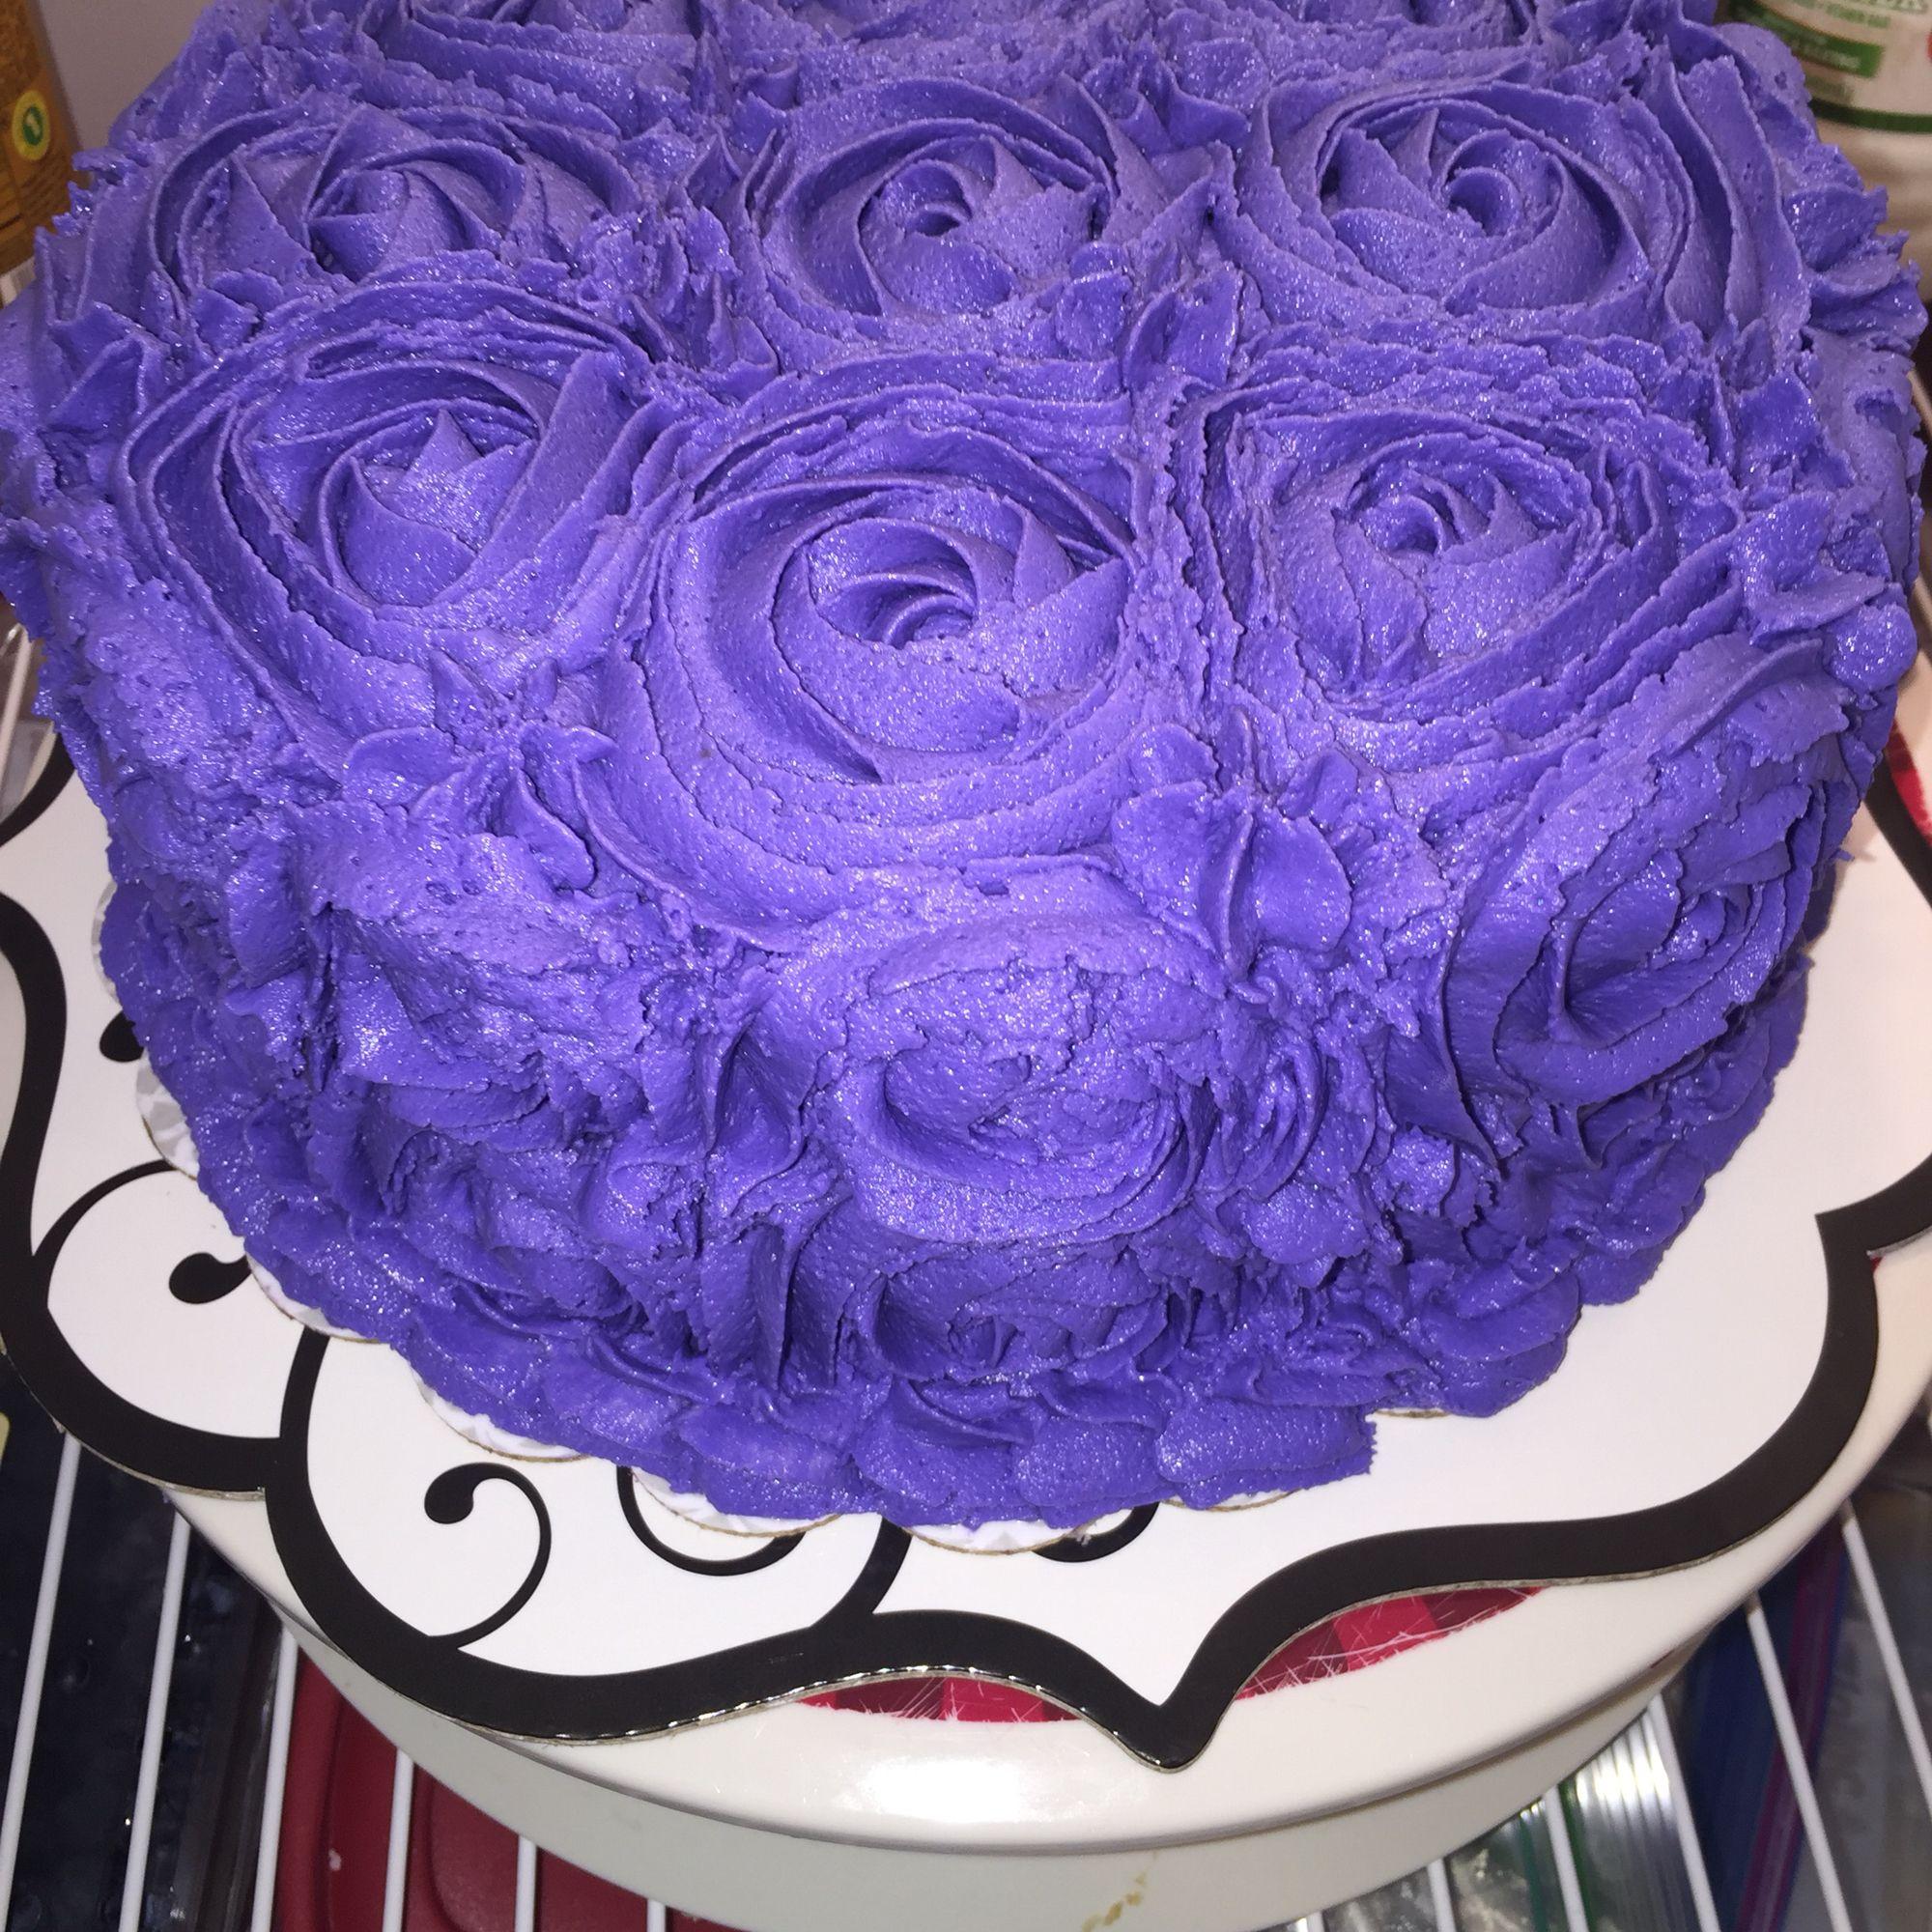 Purple Rosette Cake www.facebook.com/FriscoCakePopShop www.friscocakepopshop.com www.Instagram.com/FriscoCakePopShop